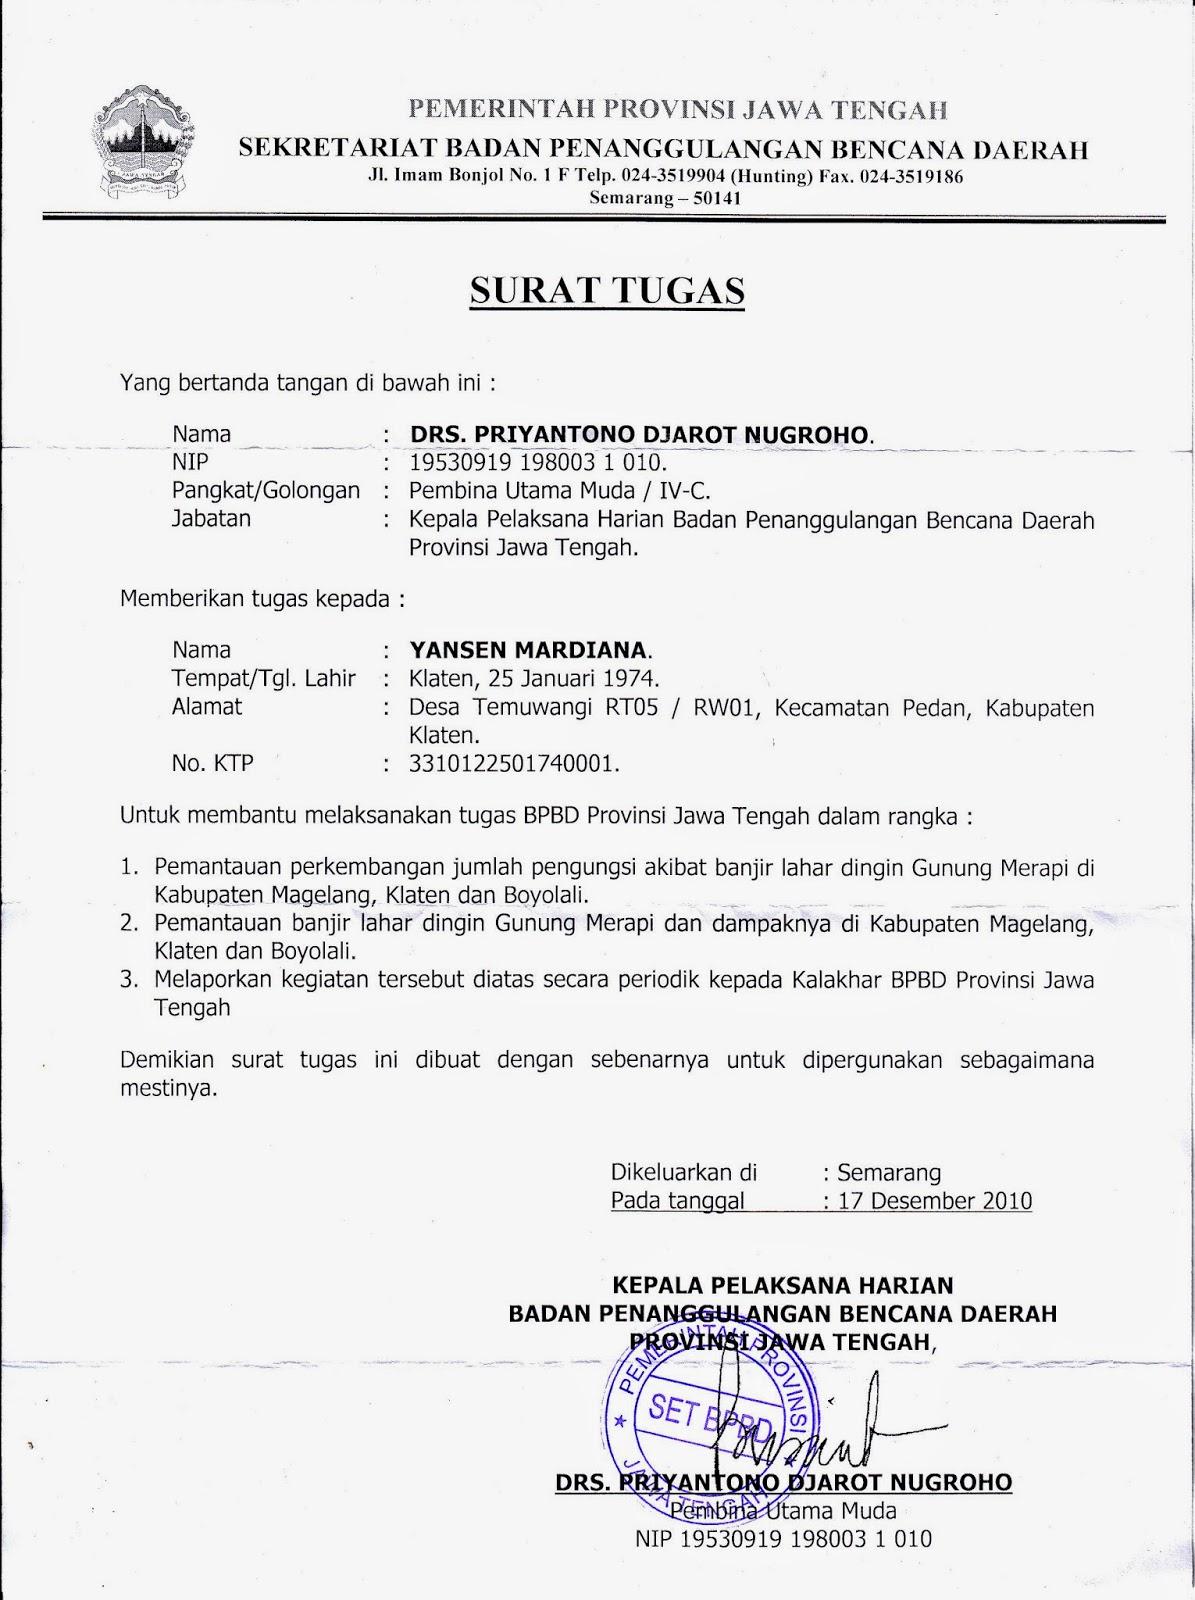 Contoh Laporan Tugas Bahasa Indonesia Pelajaran Bahasa Indonesia Di Jari Kamu My Name Is Yoga Contoh Contoh Surat